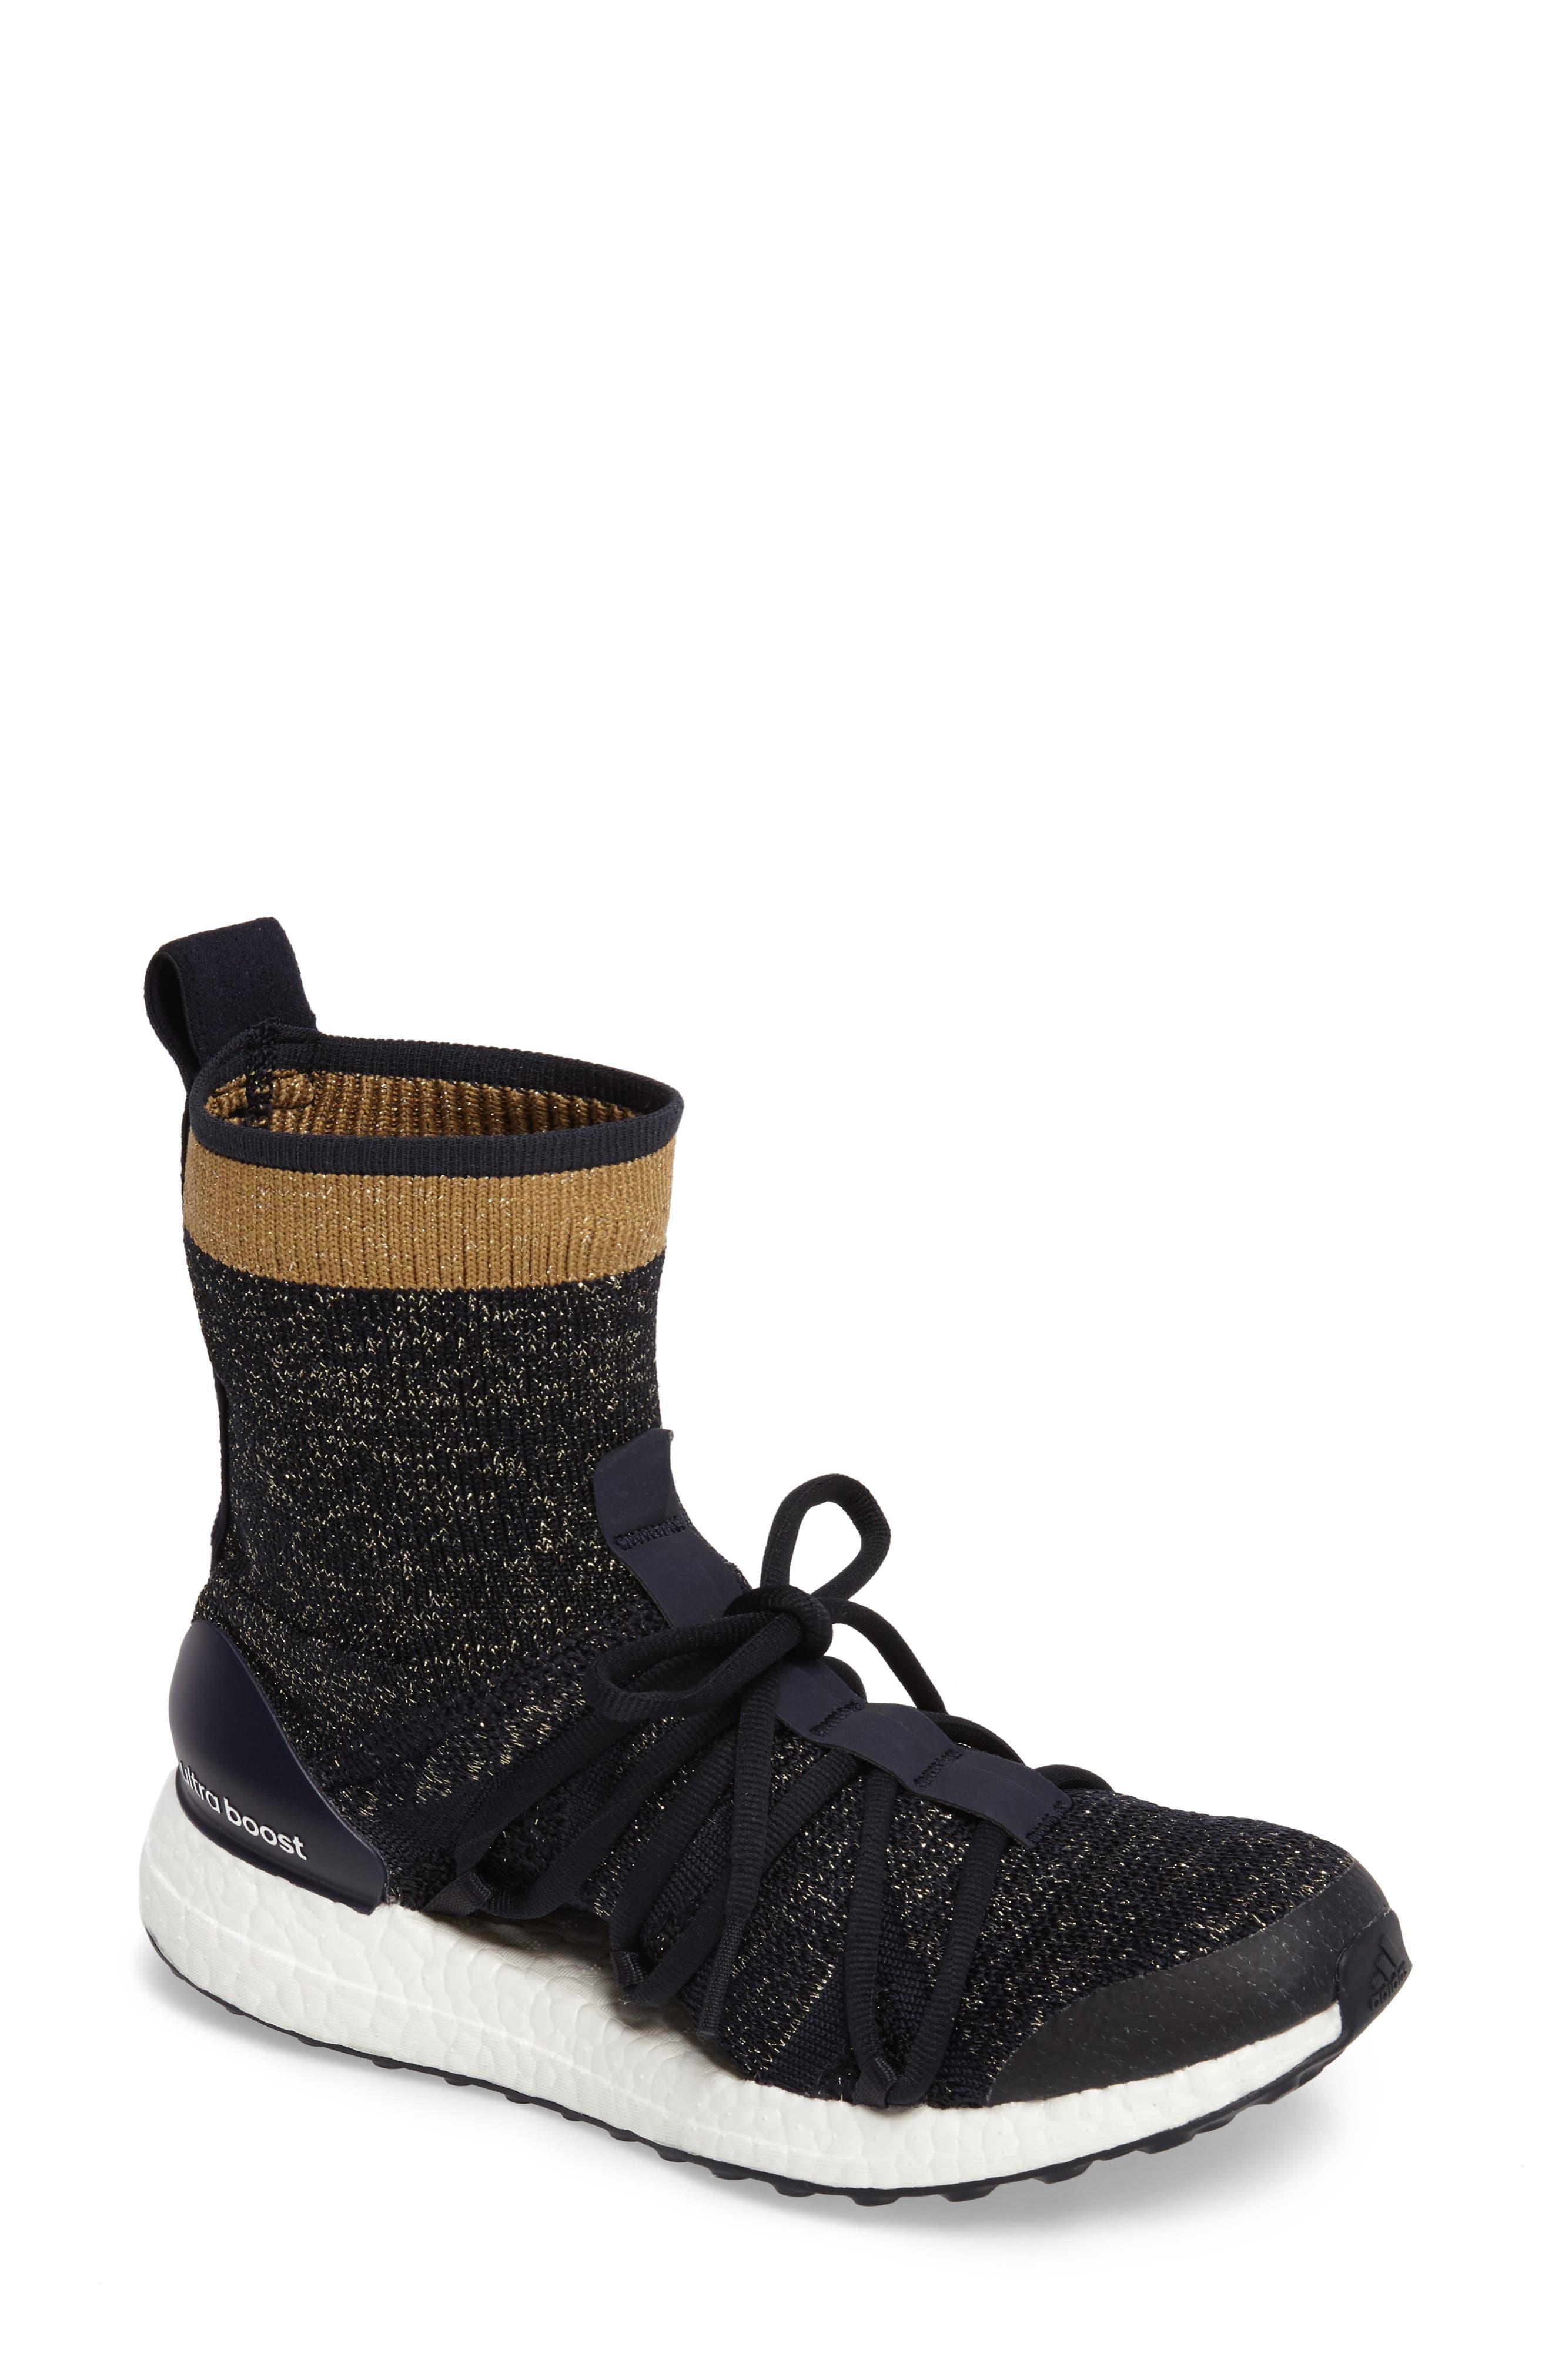 adidas by Stella McCartney UltraBOOST X Primeknit Mid Sneaker (Women)